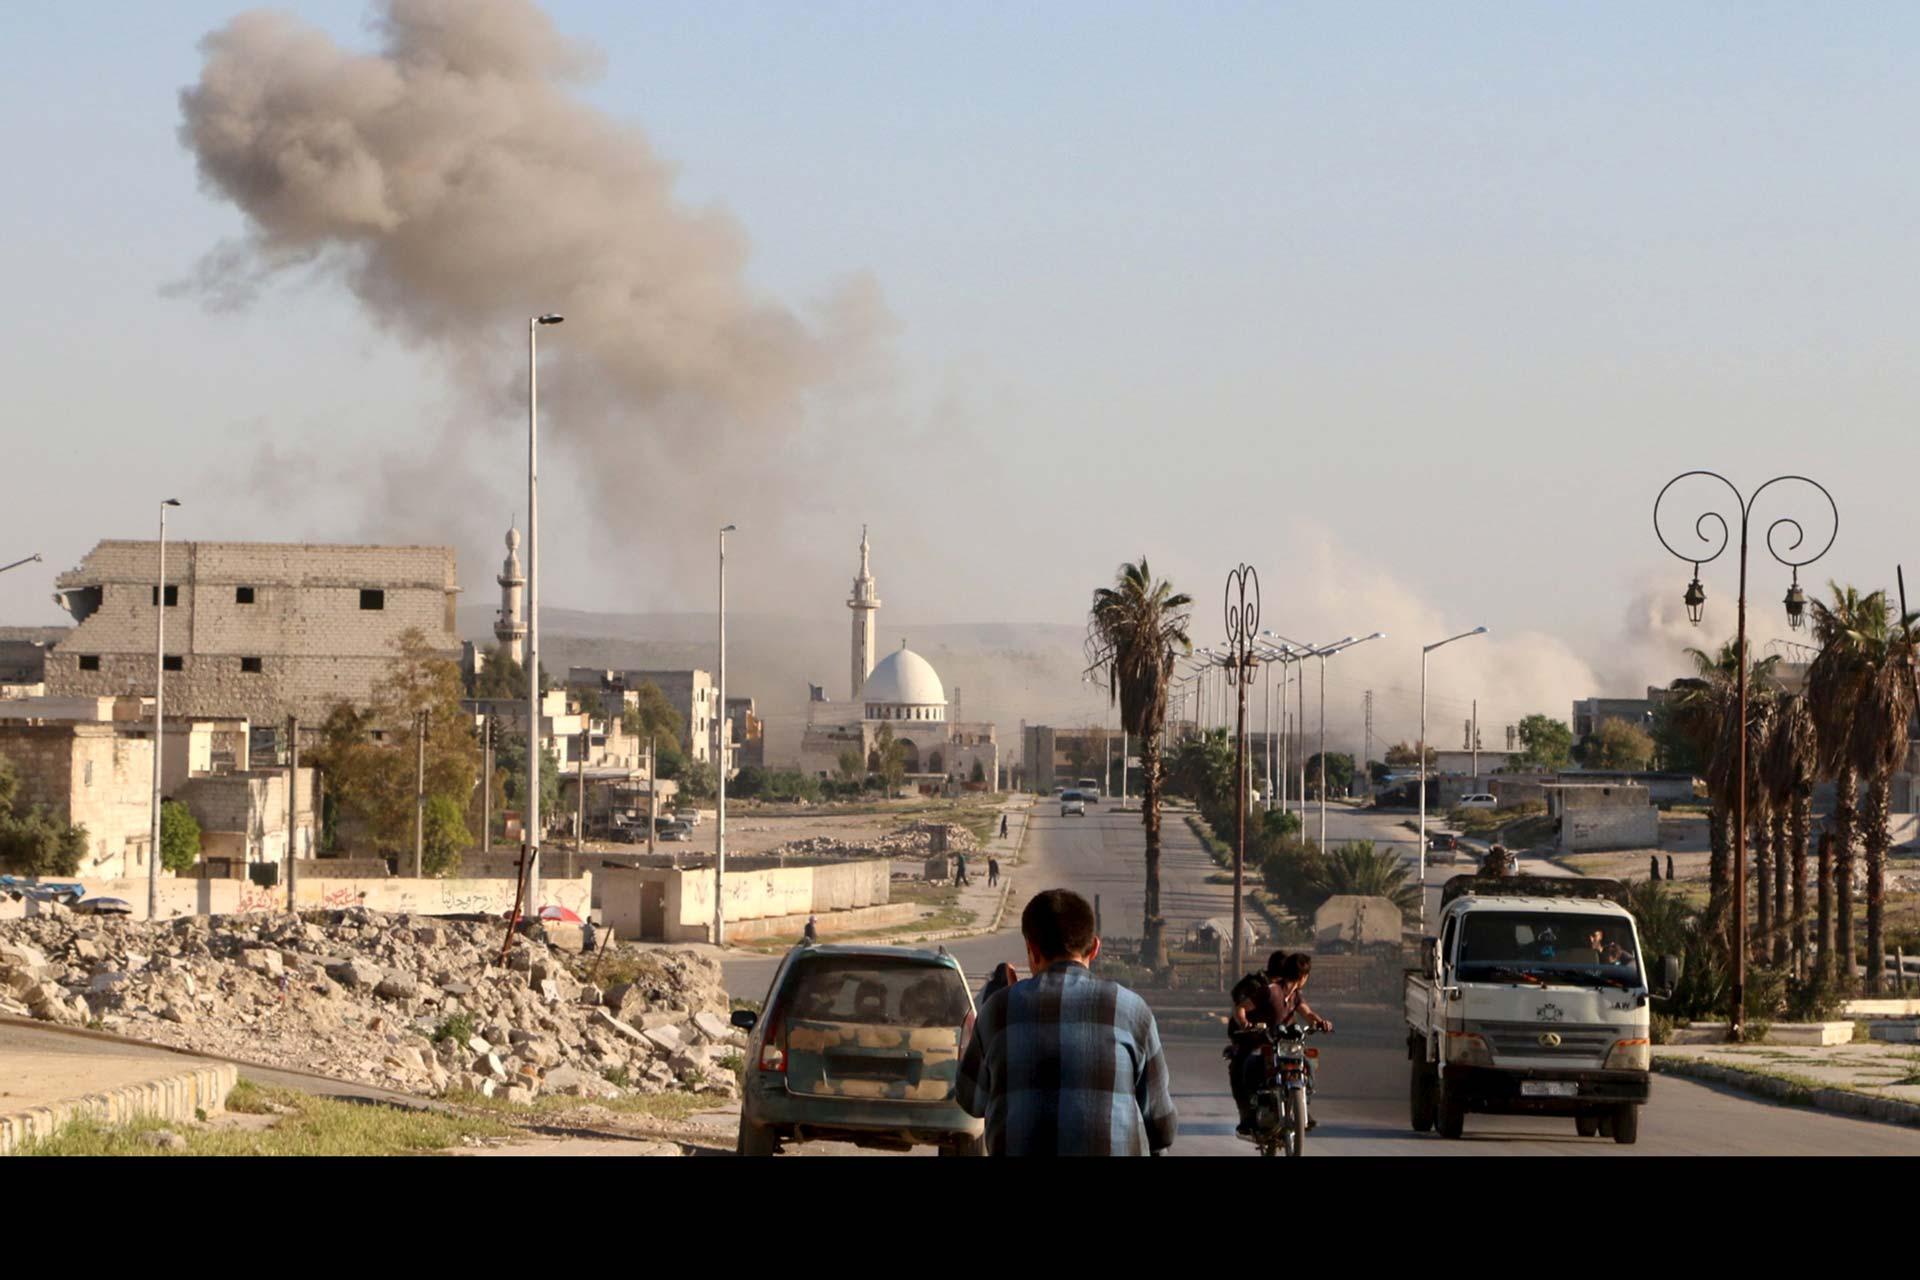 Alepo fue el blanco. Este ataque hace aún más frágil el alto el fuego vigente en el país